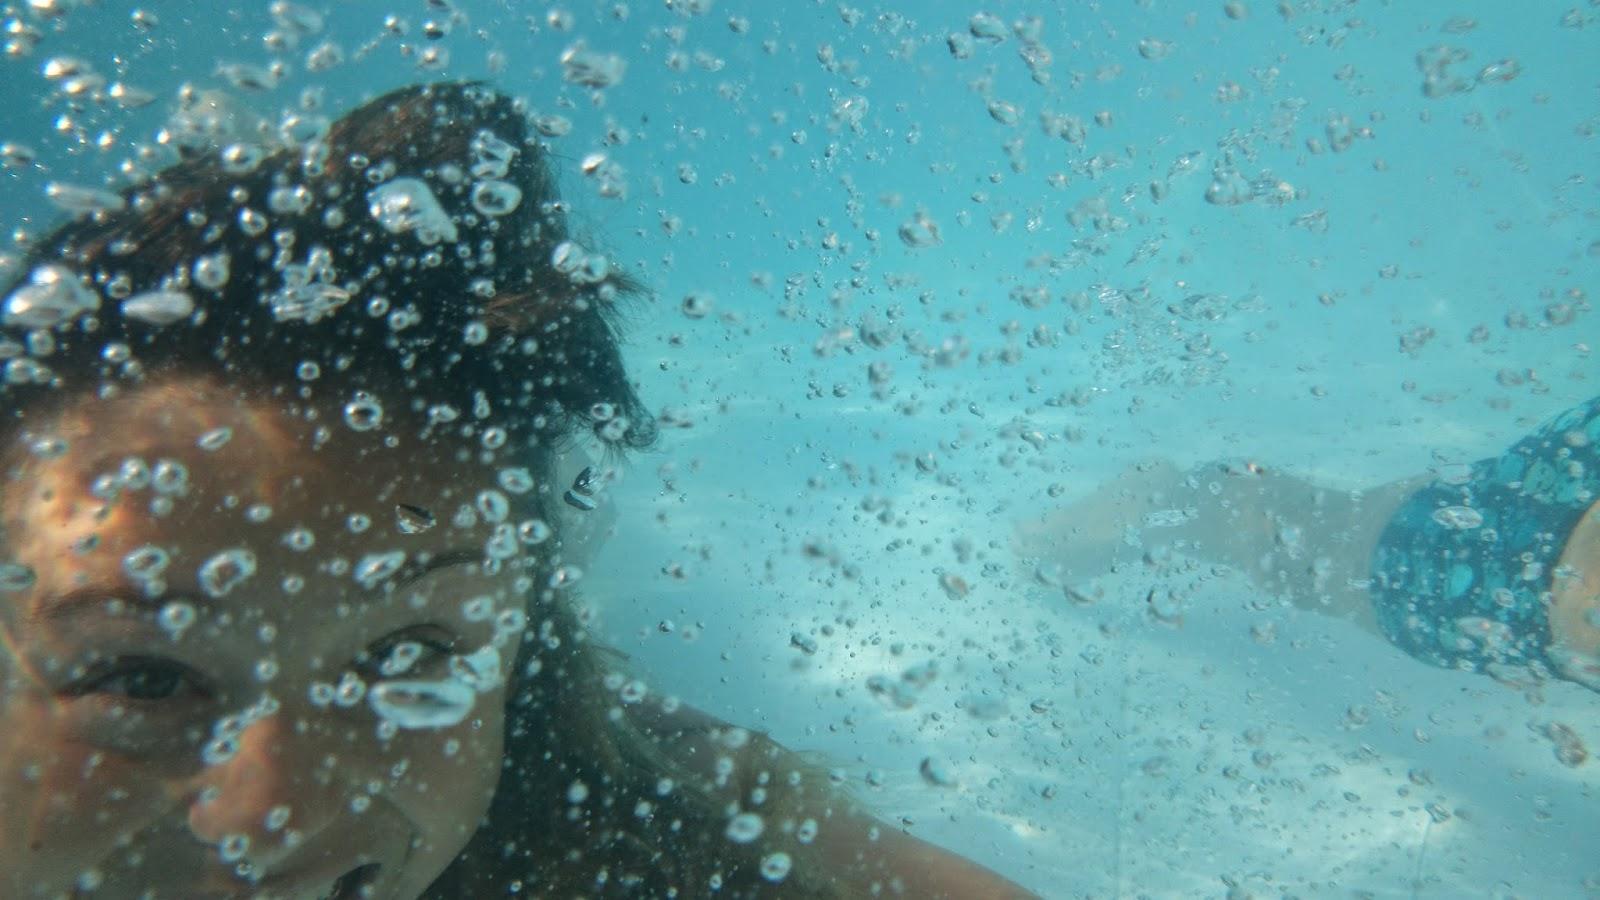 zdjęcie bąbli powietrza pod wodą,zdjęcia w wodzie,sony xperia z2